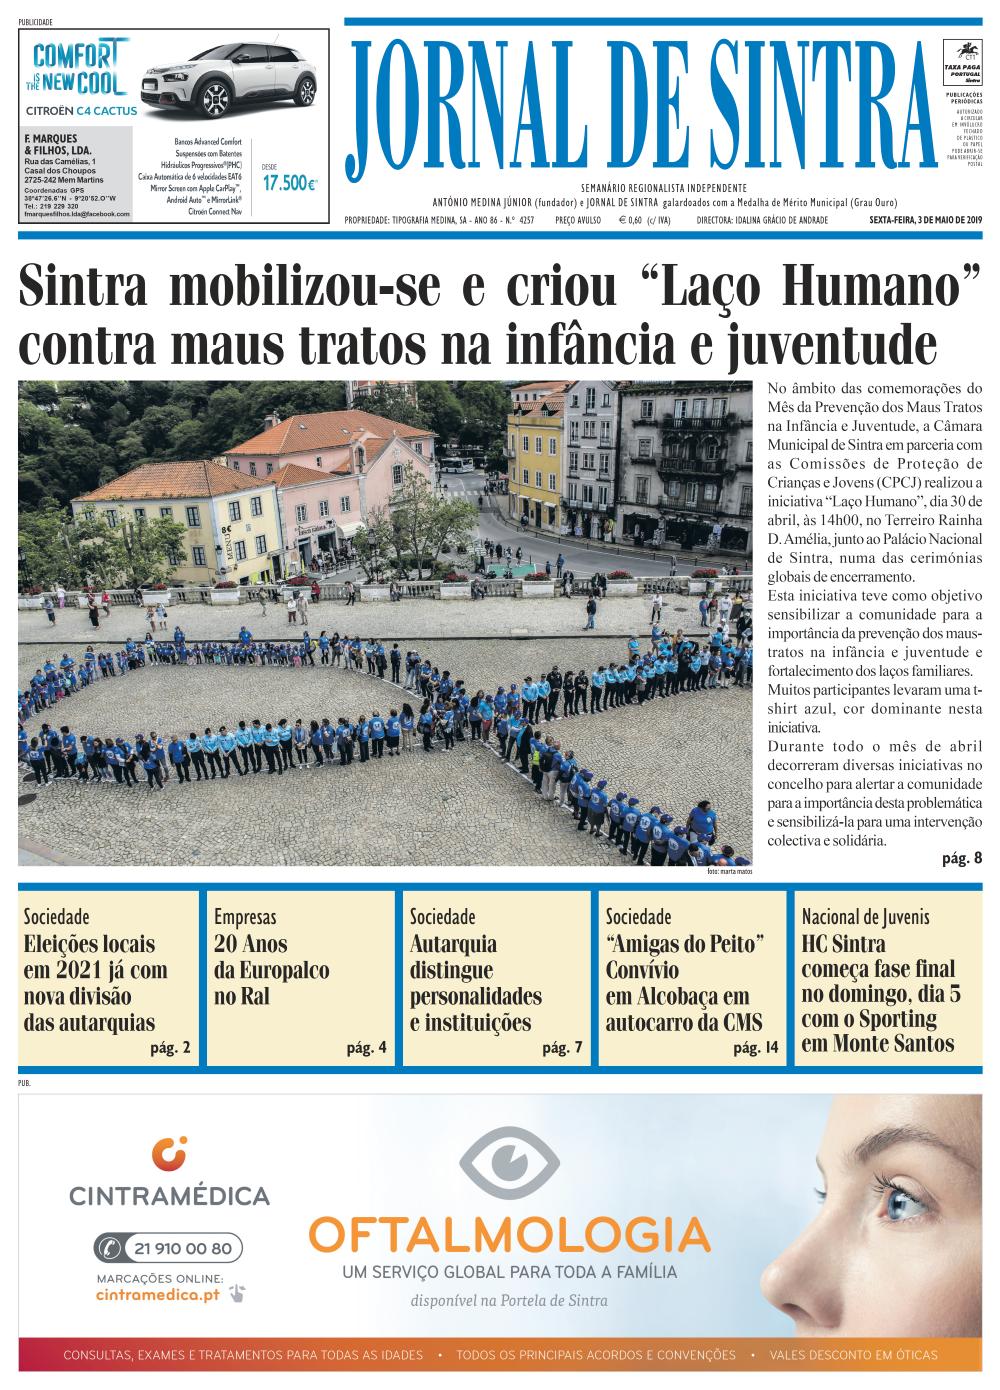 Capa da edição de 03/05/2019